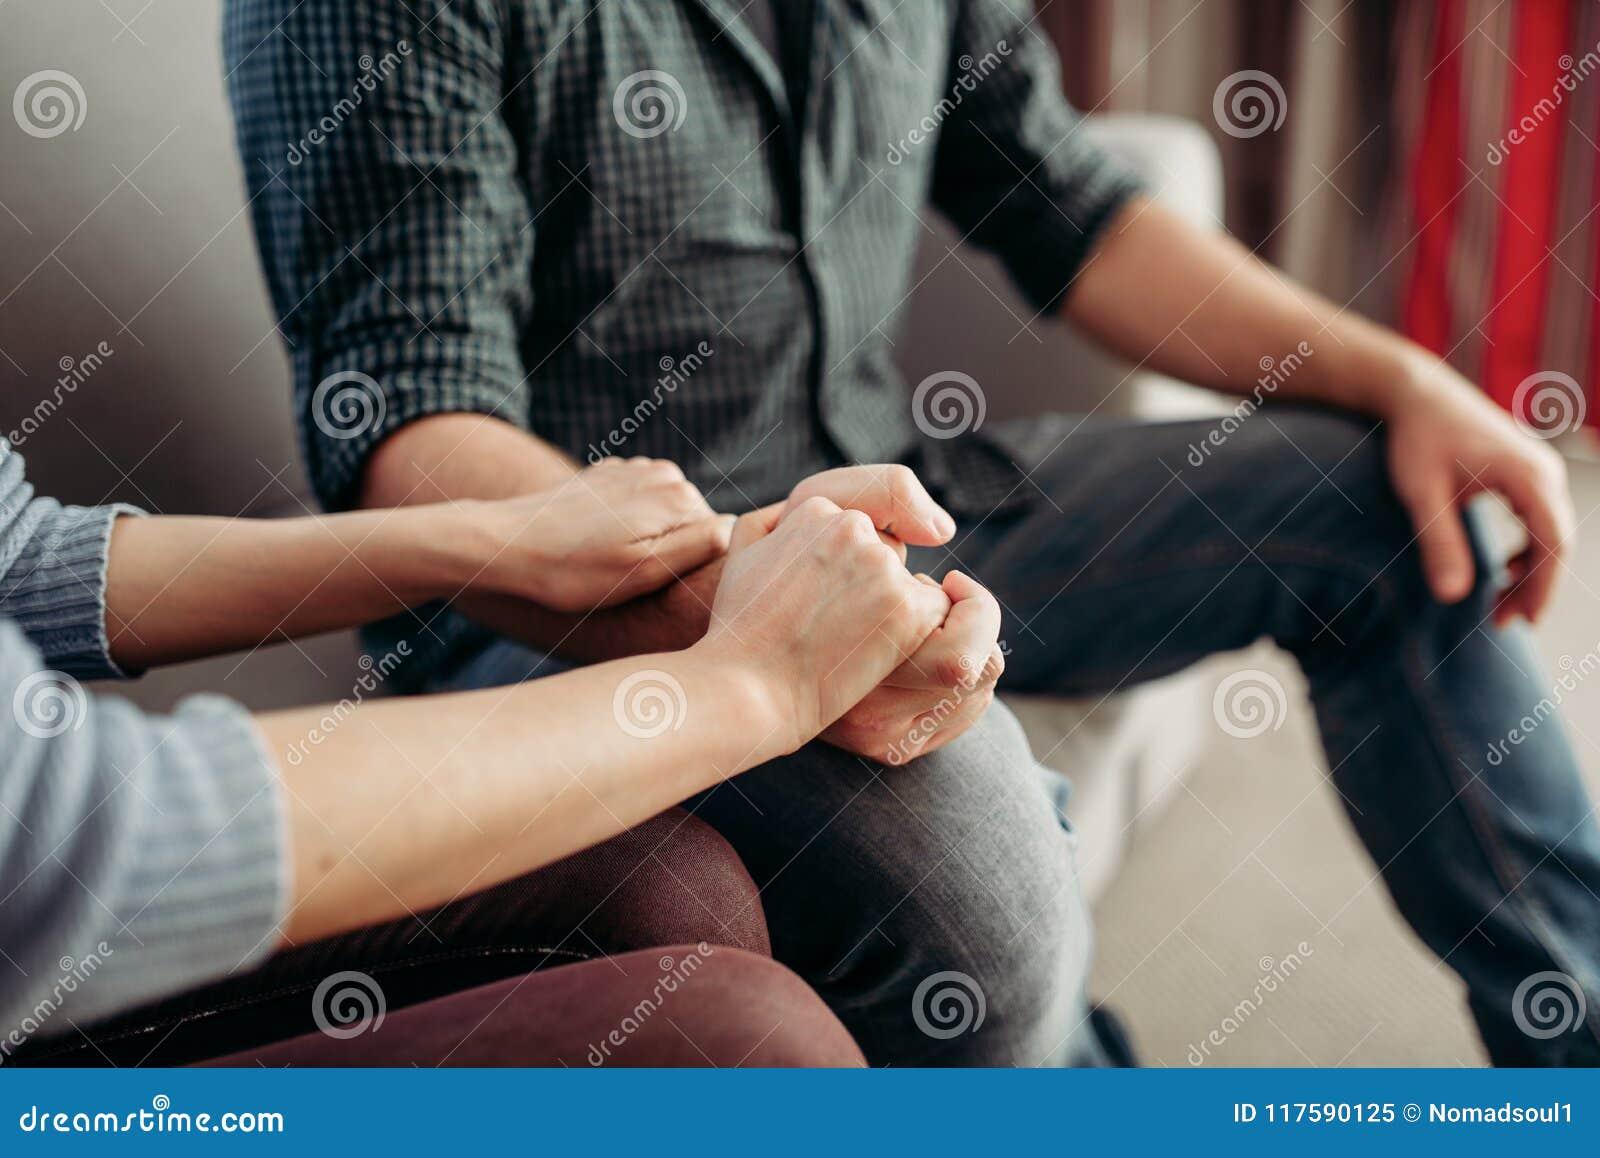 De handen van de paargreep, de steun van de familiepsychologie